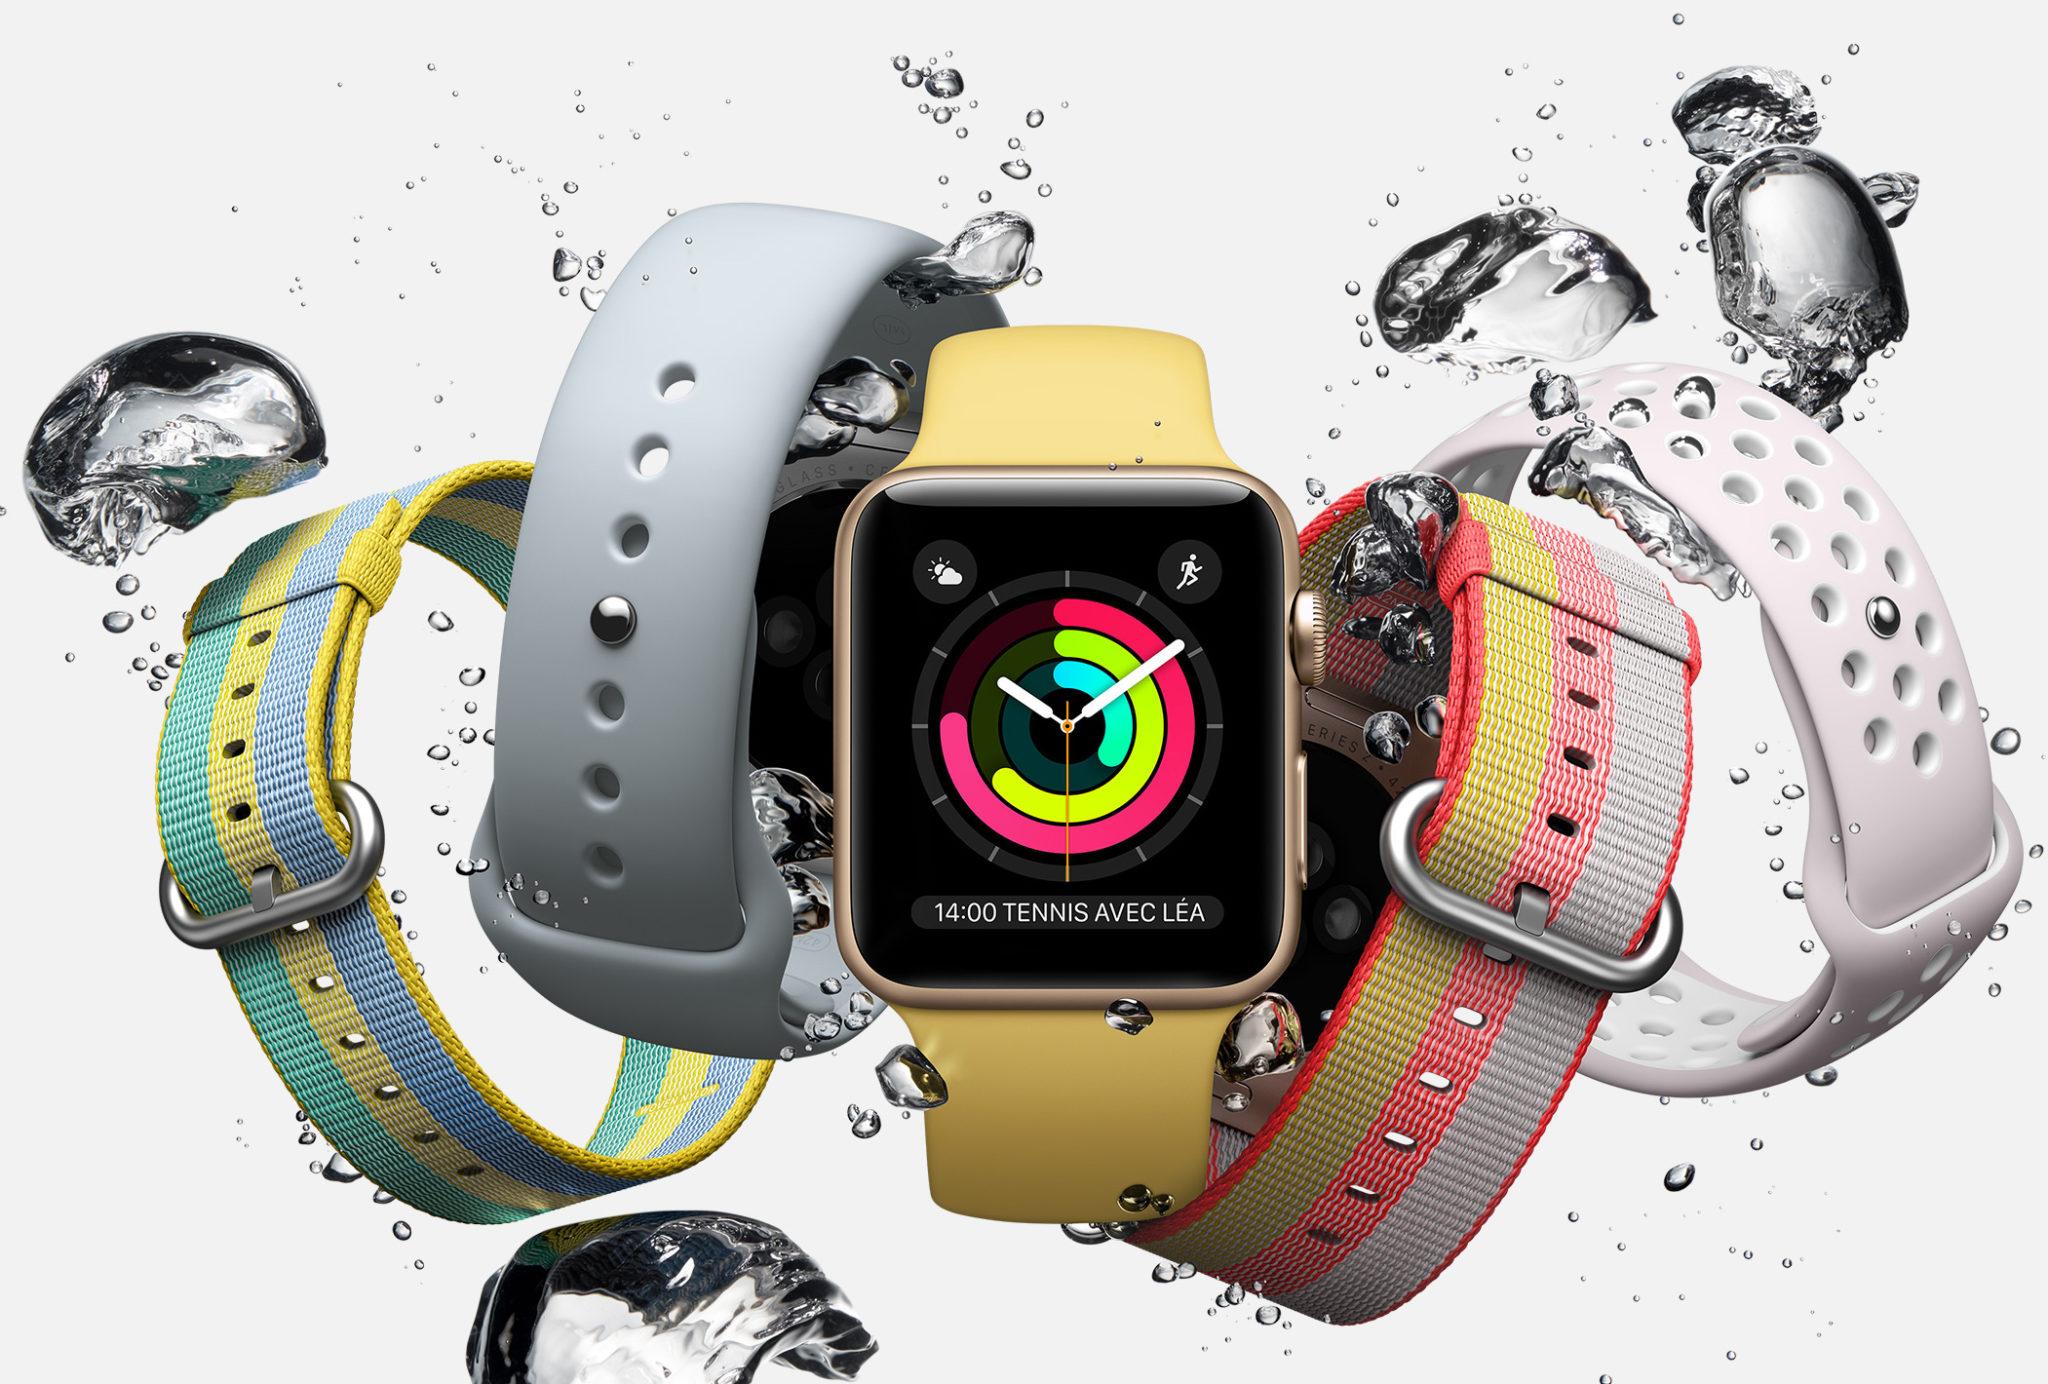 Une puce LTE pour l'Apple Watch 3 ?